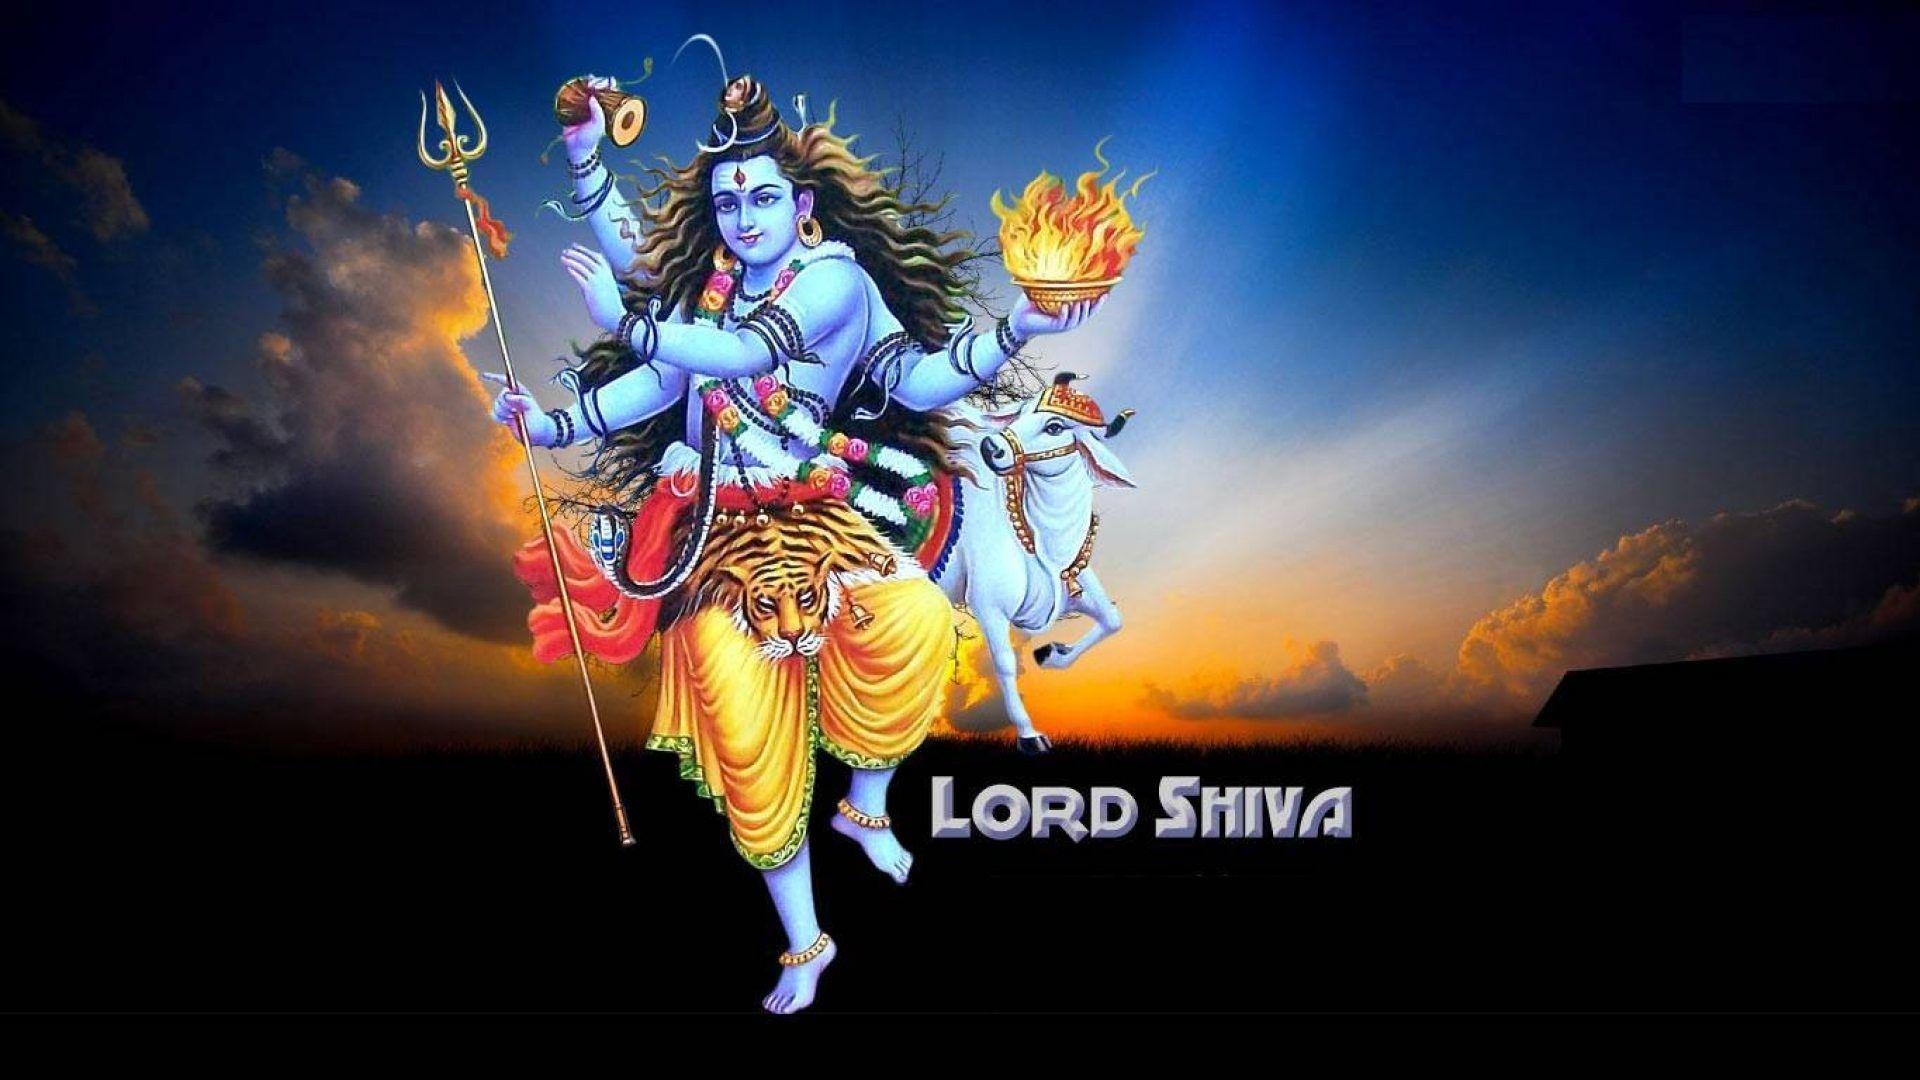 1920x1080 Chúa Shiva hình nền